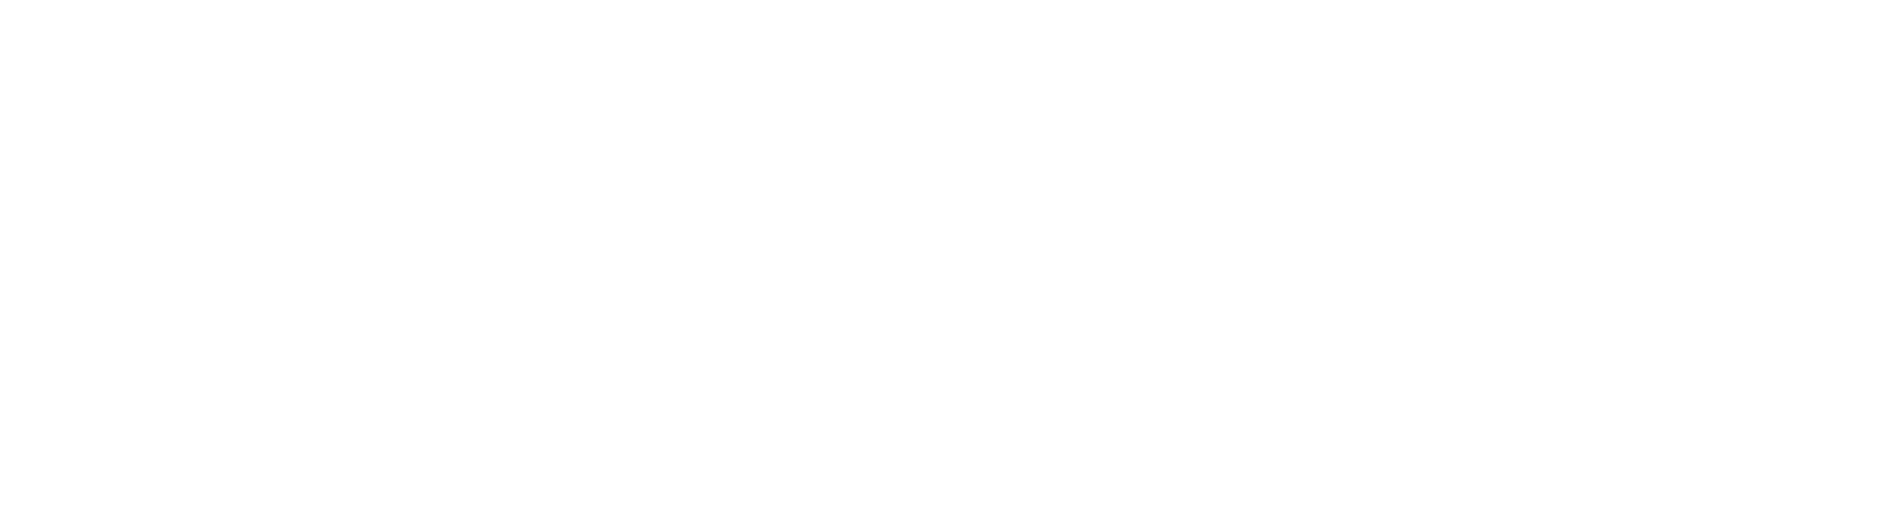 آب-ارا-ابنما-نازل-کلاستر-شماتیک-